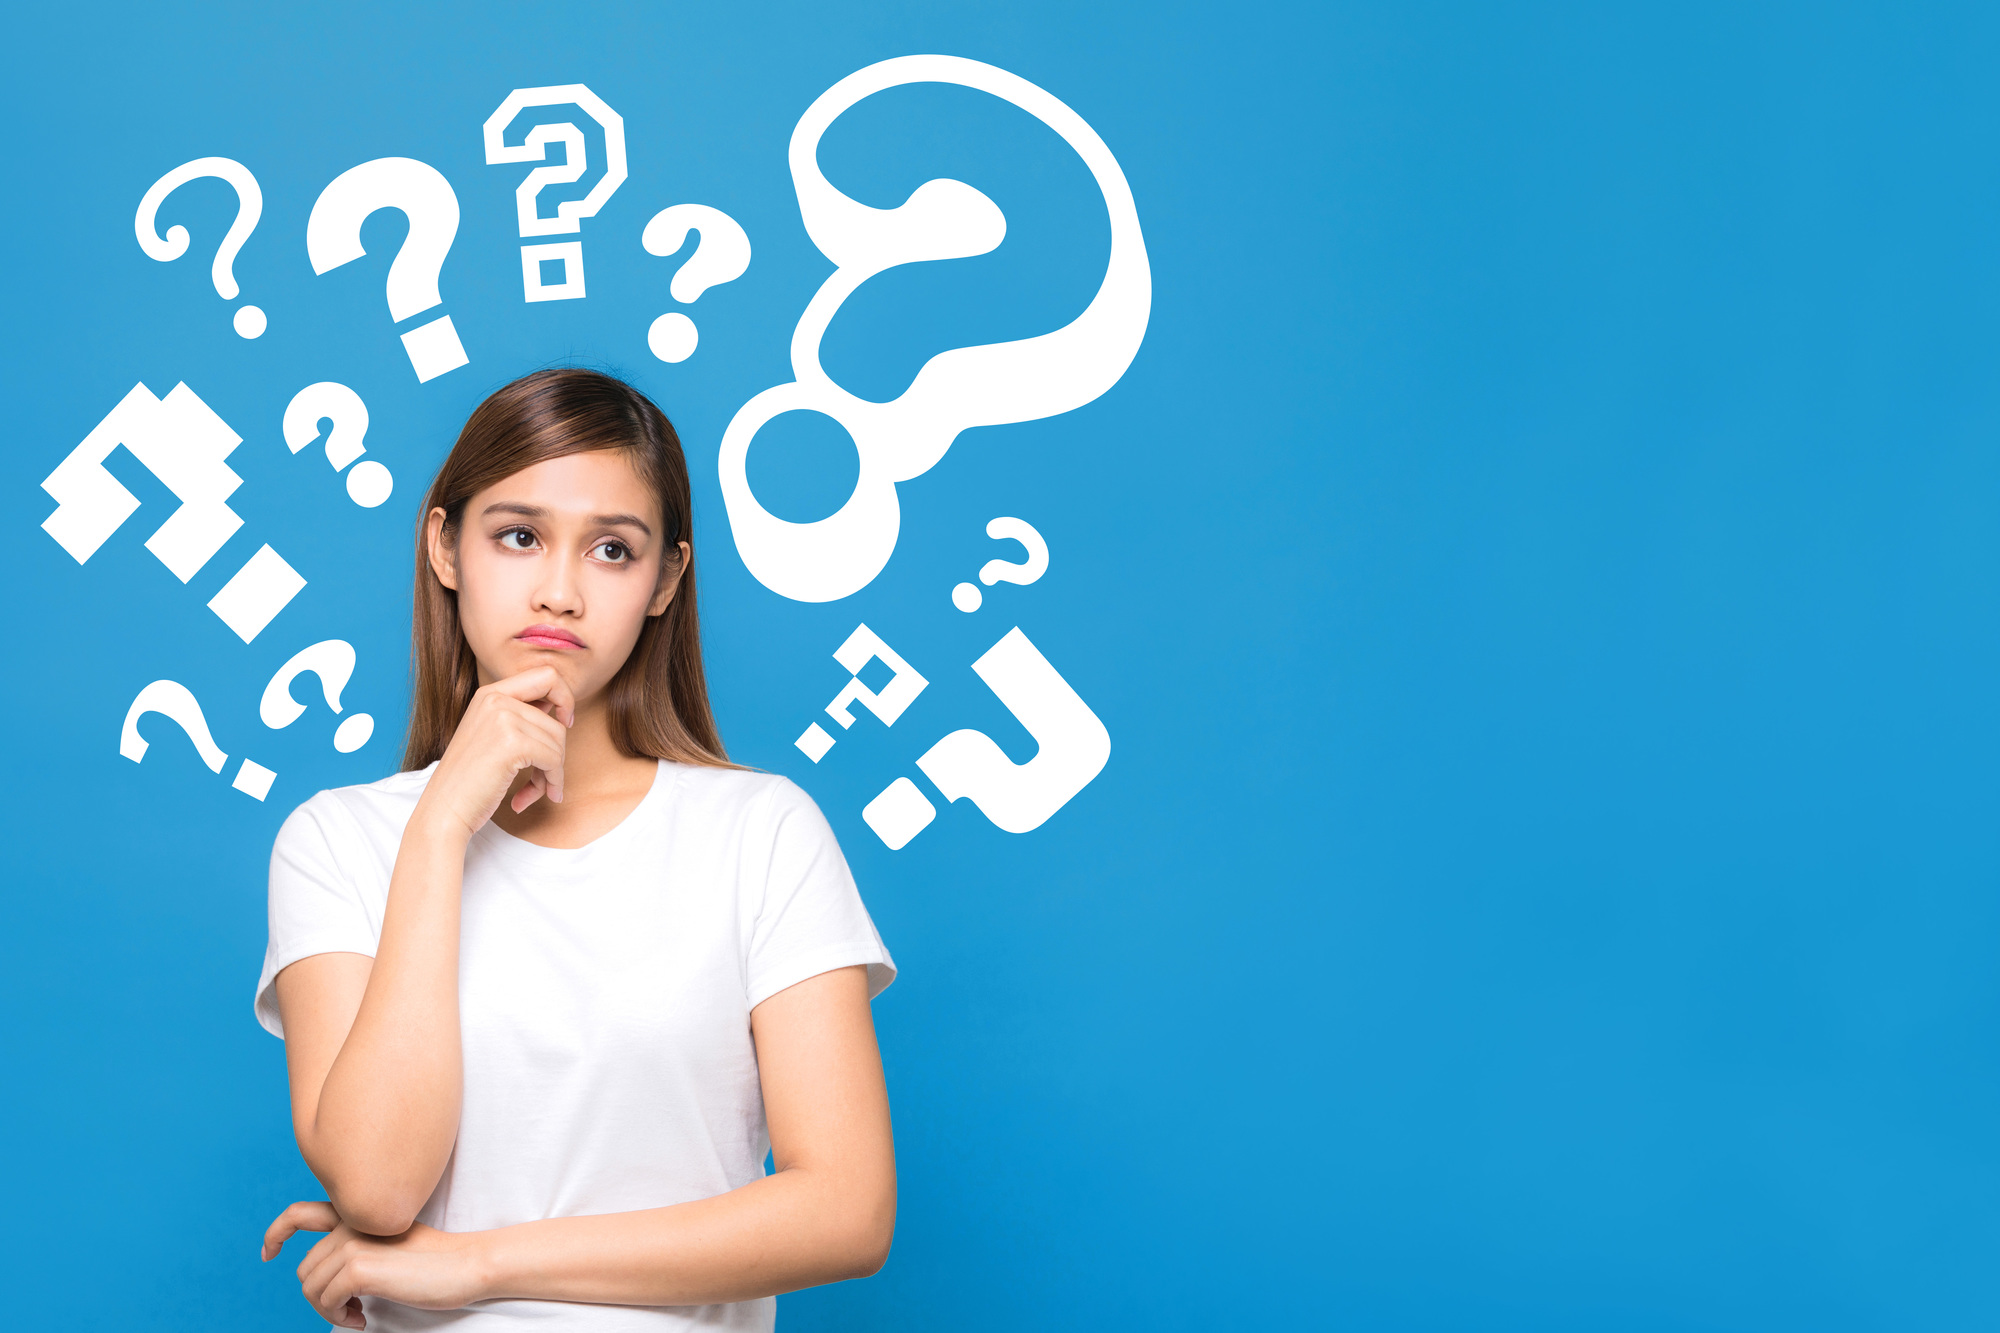 引越経験のある先輩が何に注意して決めたか等聞くのも参考になるでしょう